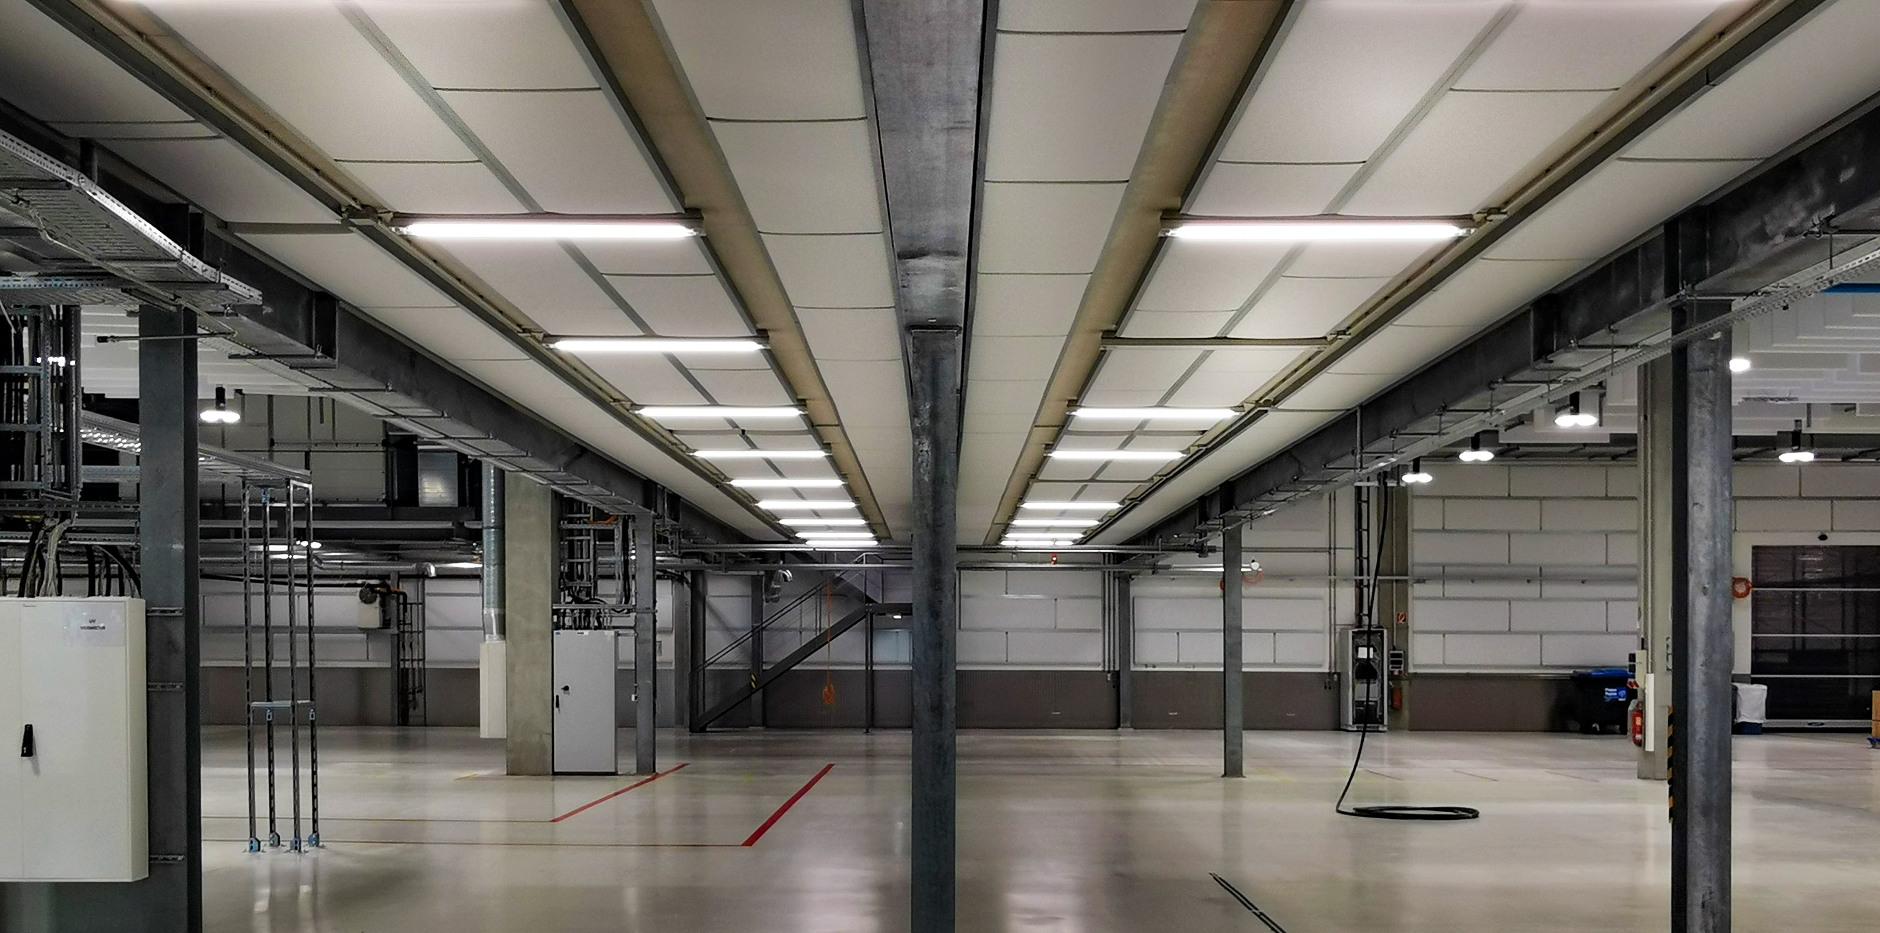 Akustik Paneele an der Decke und Wand einer Industriehalle